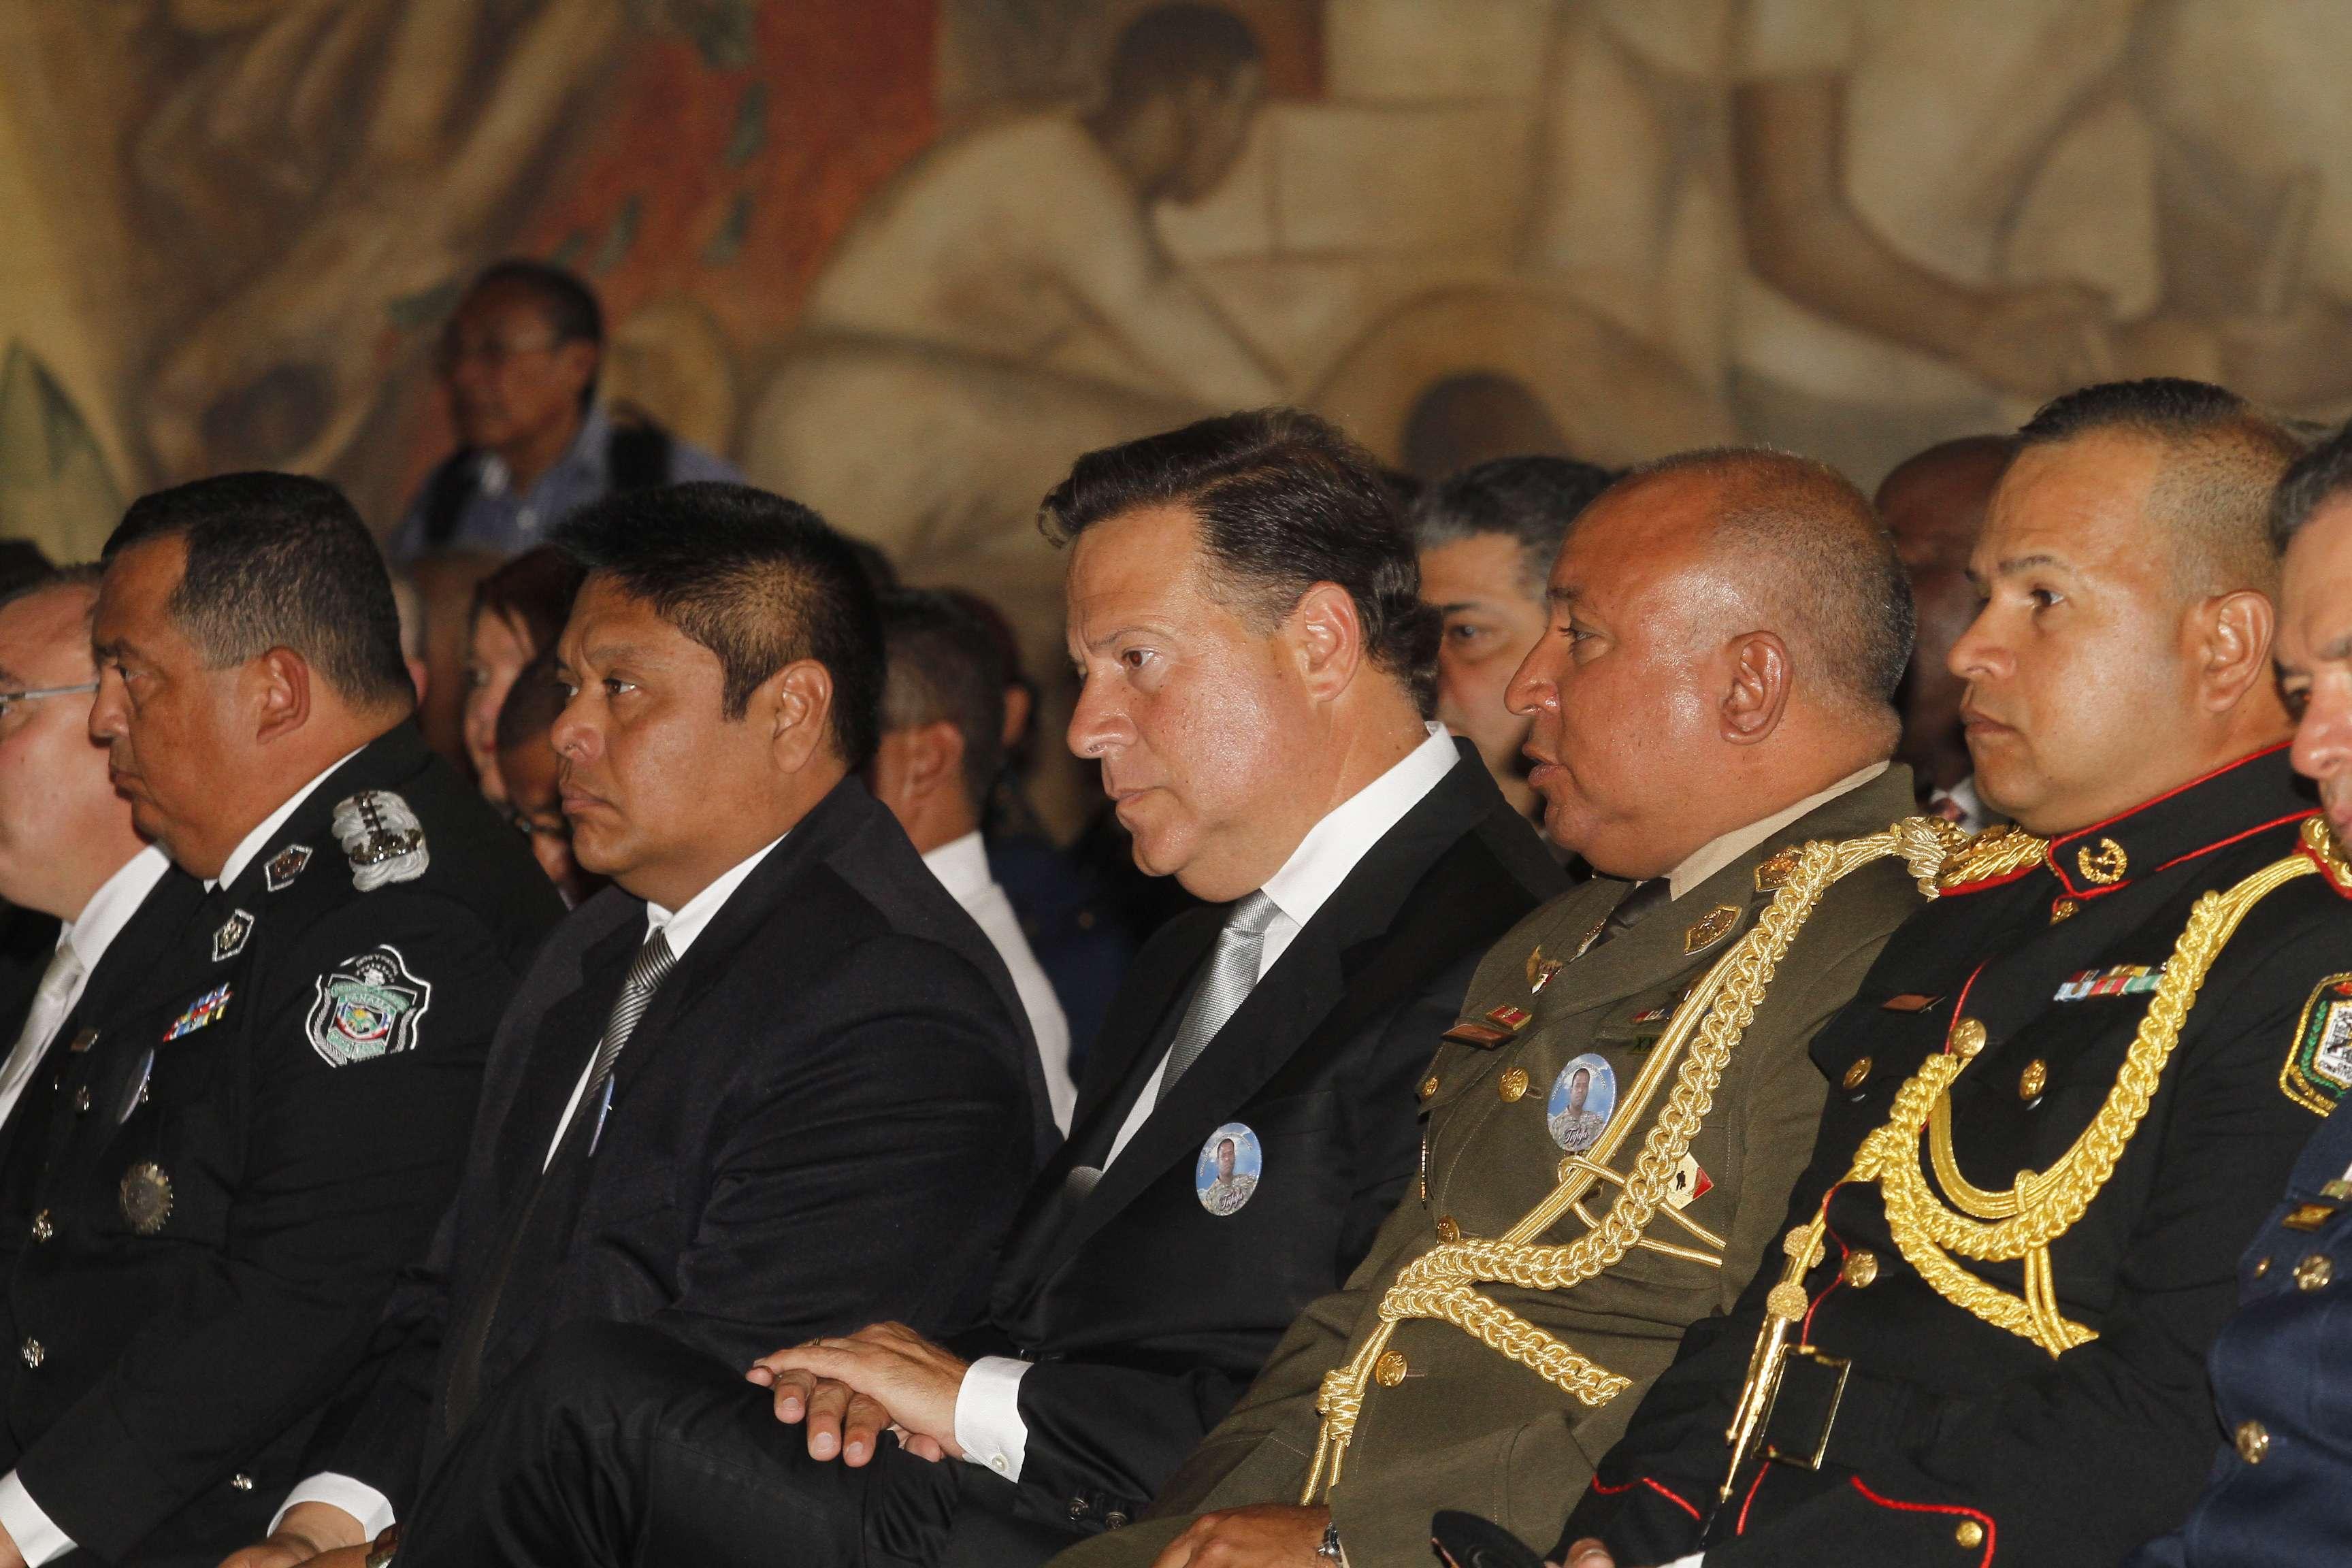 Los directores de la Policía Nacional, SENAN y Senafront, Omar Pinzón, Belsio González y Cristian Hayer, se jubilan el próximo mes.